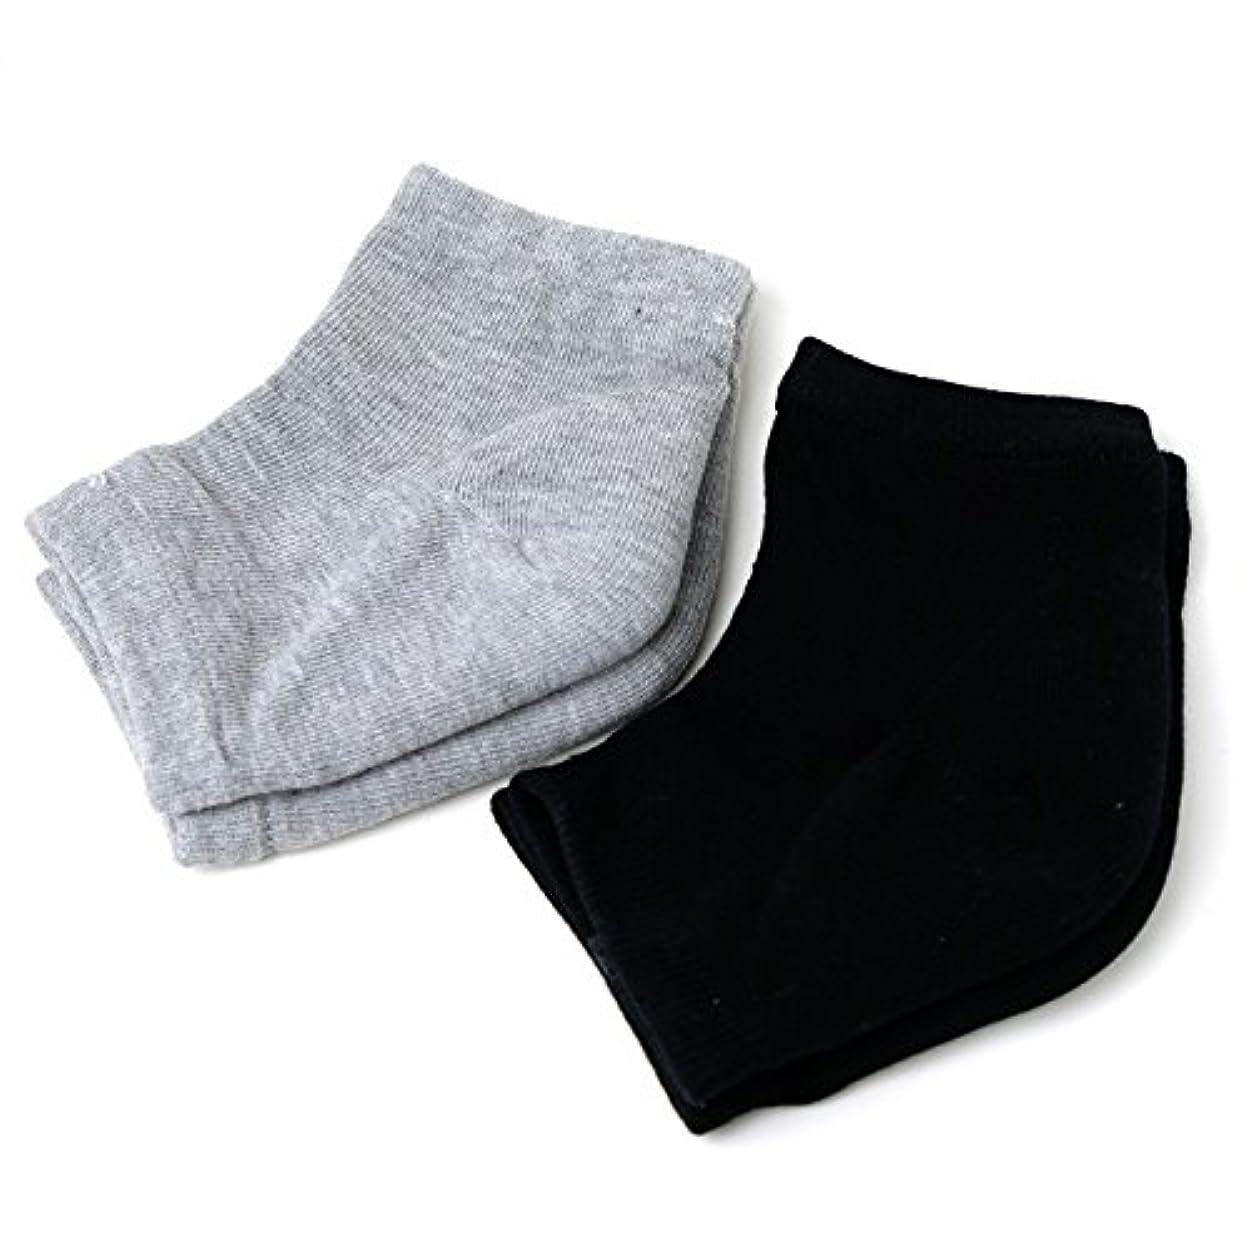 見捨てられた兵隊石鹸Banane D'or かかと 靴下 ソックス セット (黒×1 グレー×1)